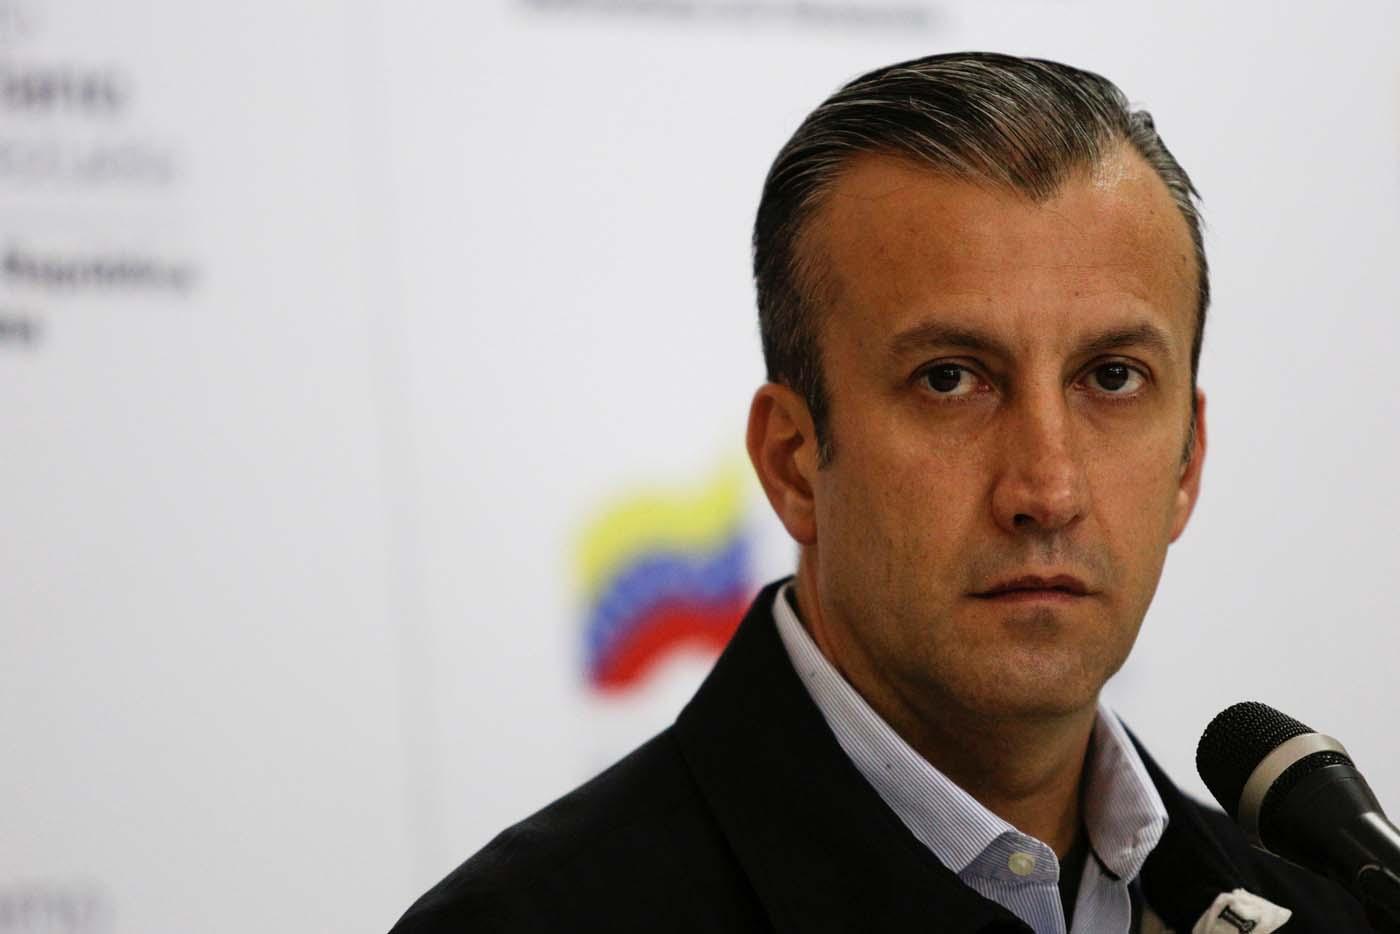 Vicepresidente de la República, Tareck El Aissami (Foto archivo REUTERS/Marco Bello